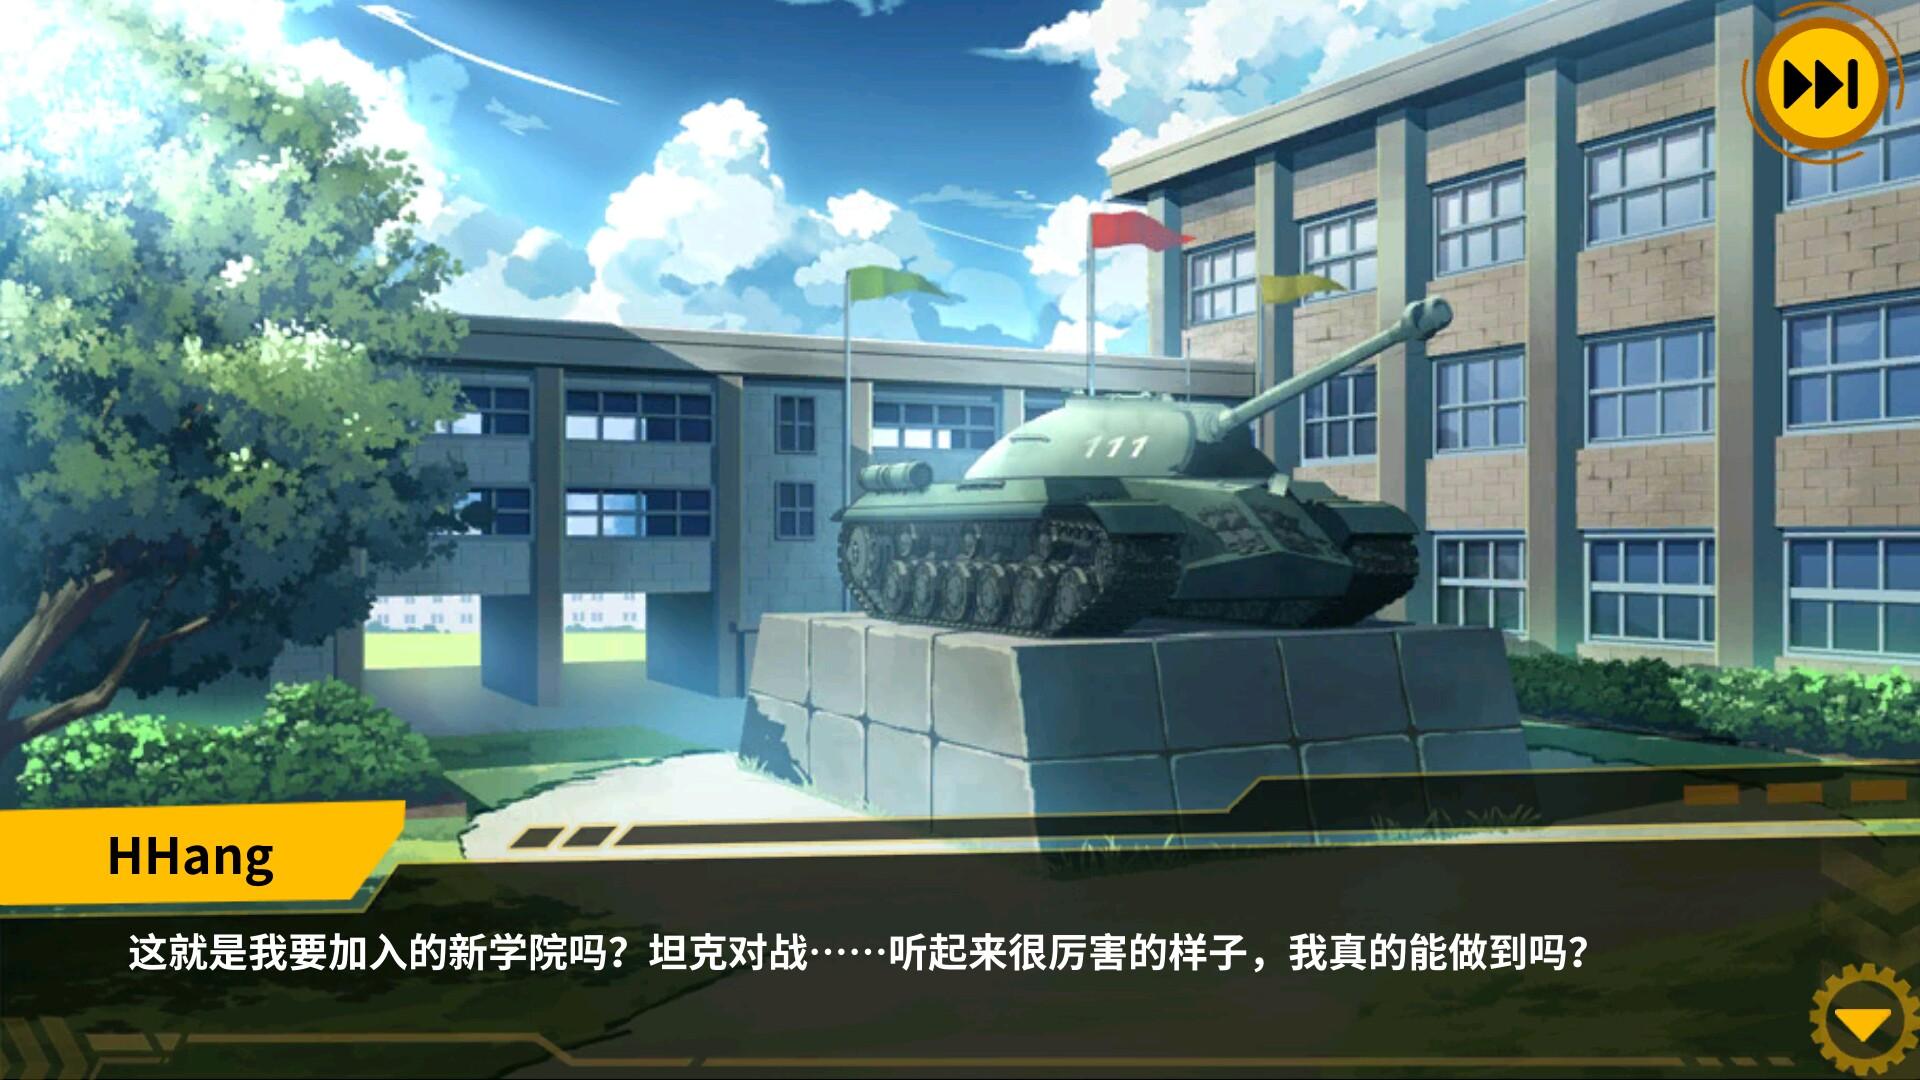 《装甲联盟》游戏截图UI欣赏35